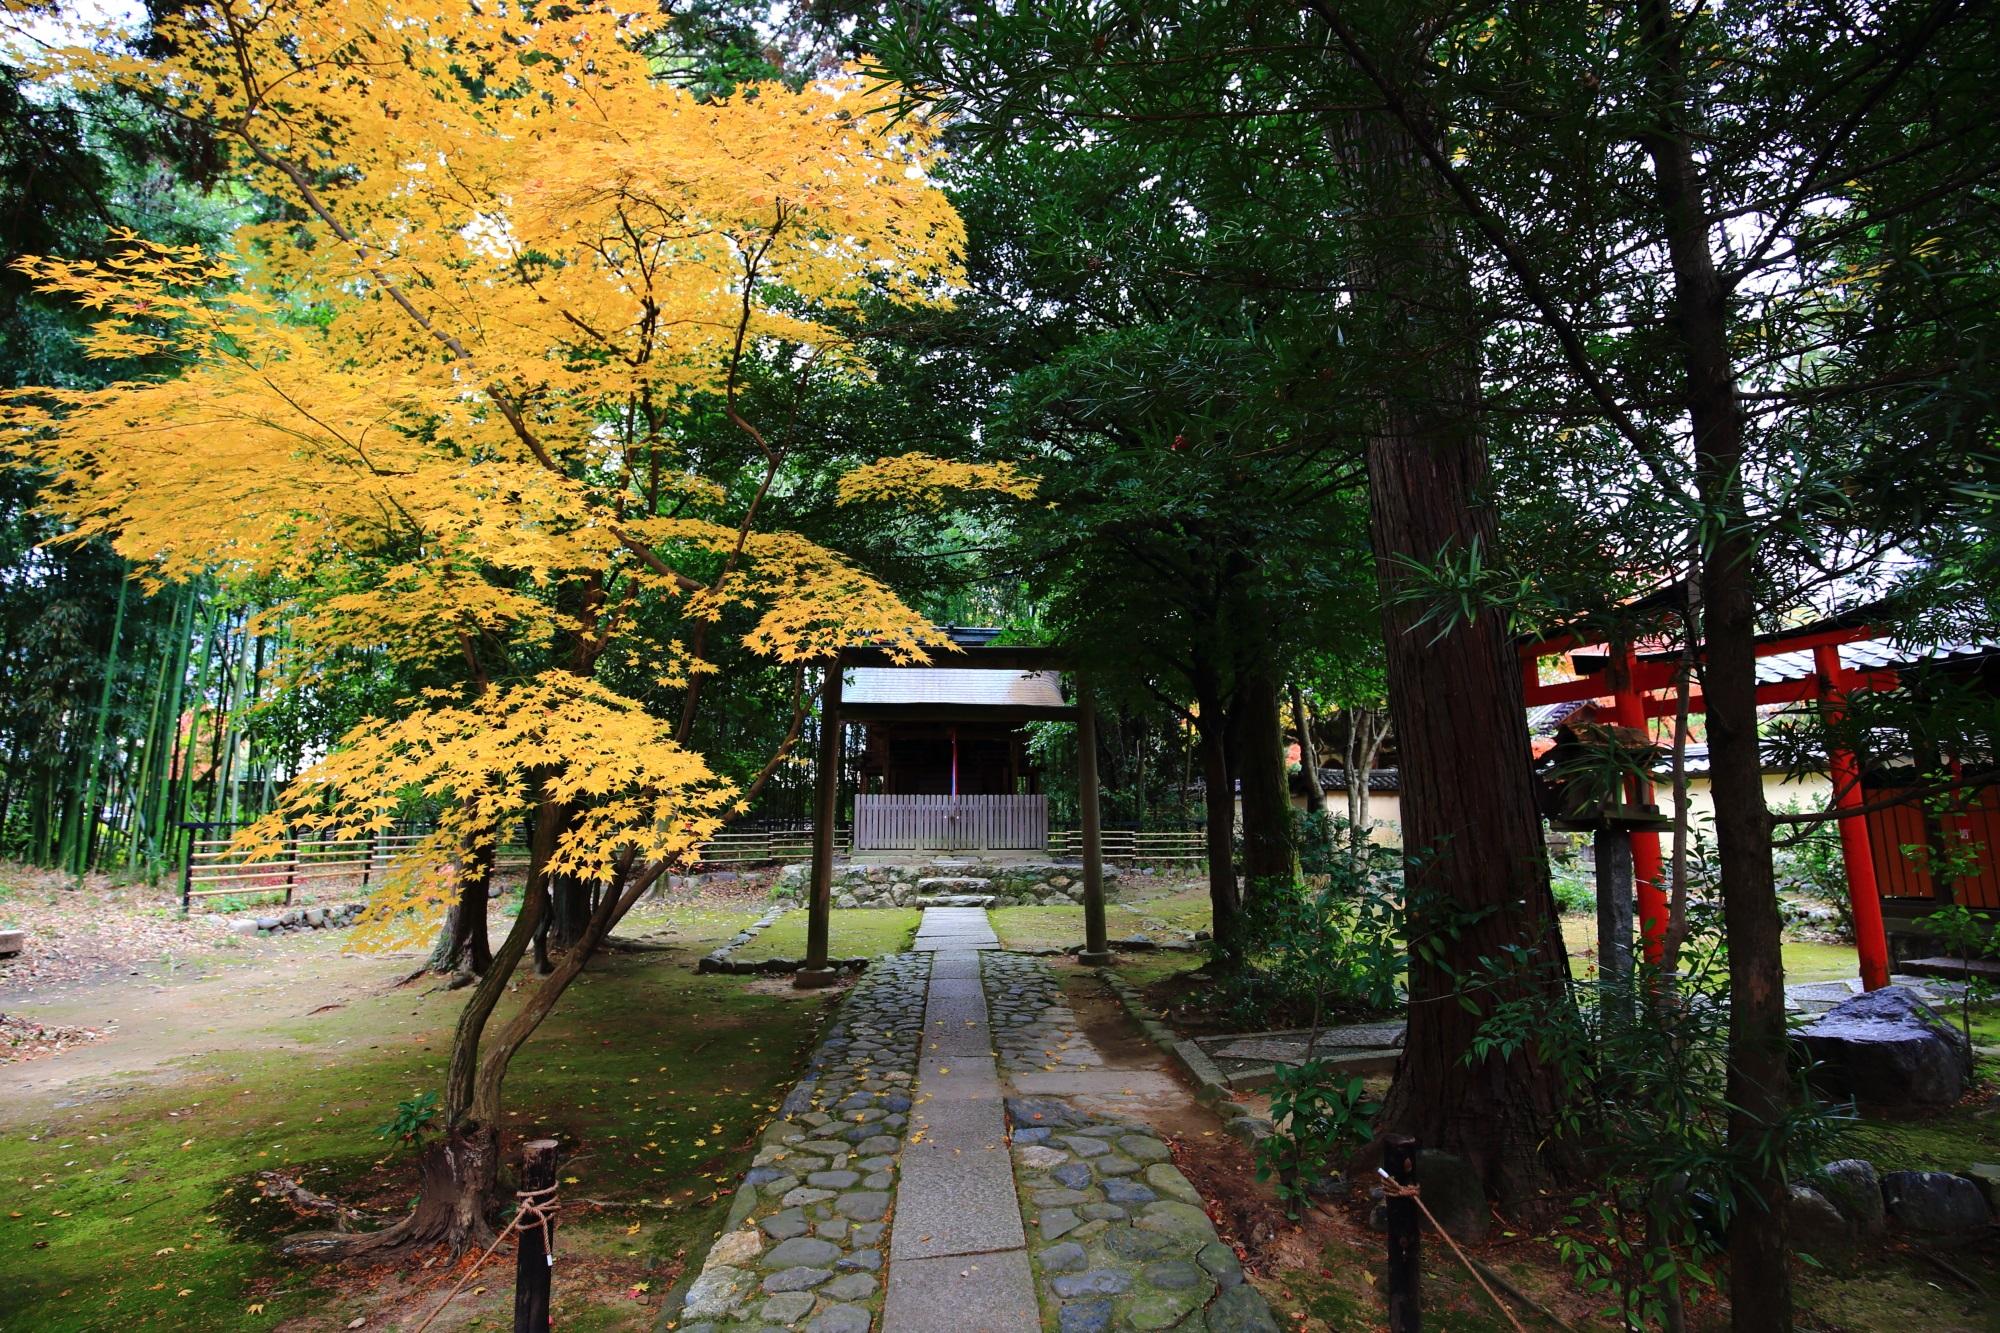 鹿王院の春香稲荷大神の見ごろの紅葉